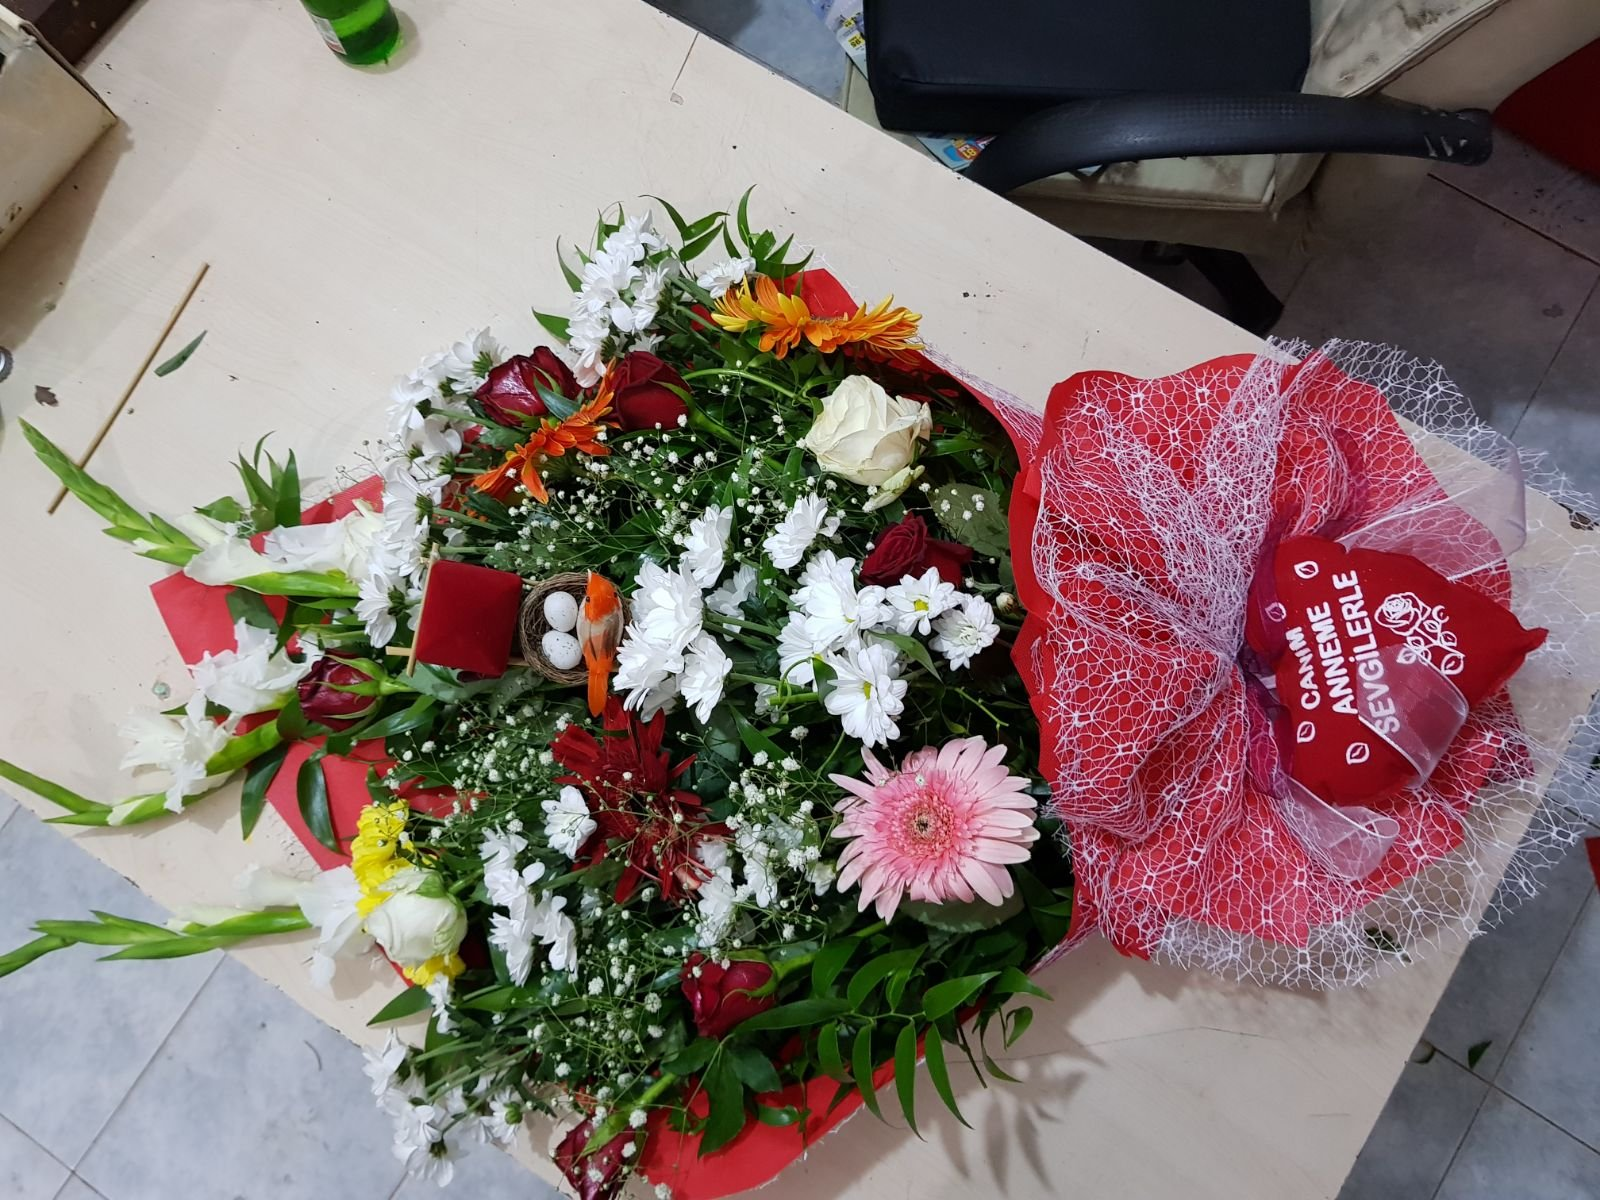 Pelda Çiçek Evi